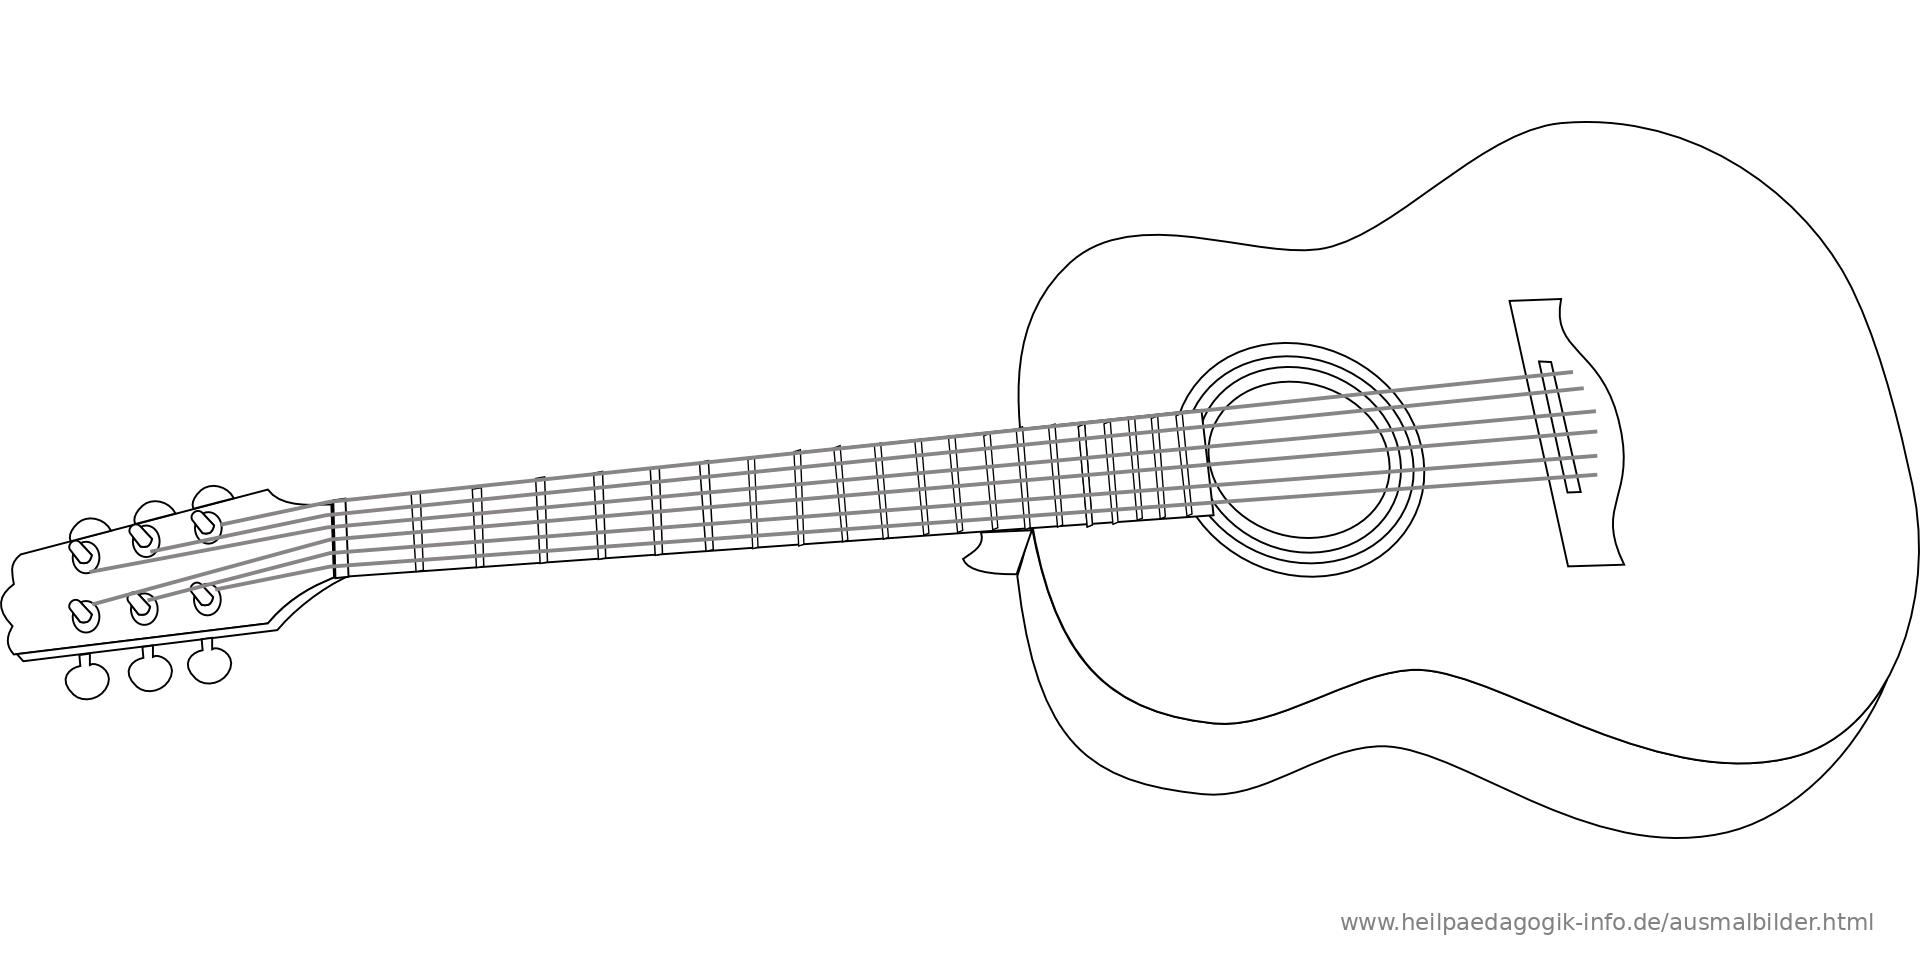 ausmalbild malvorlage Gitarre 701 ausmalbilder musikinstrumente 38